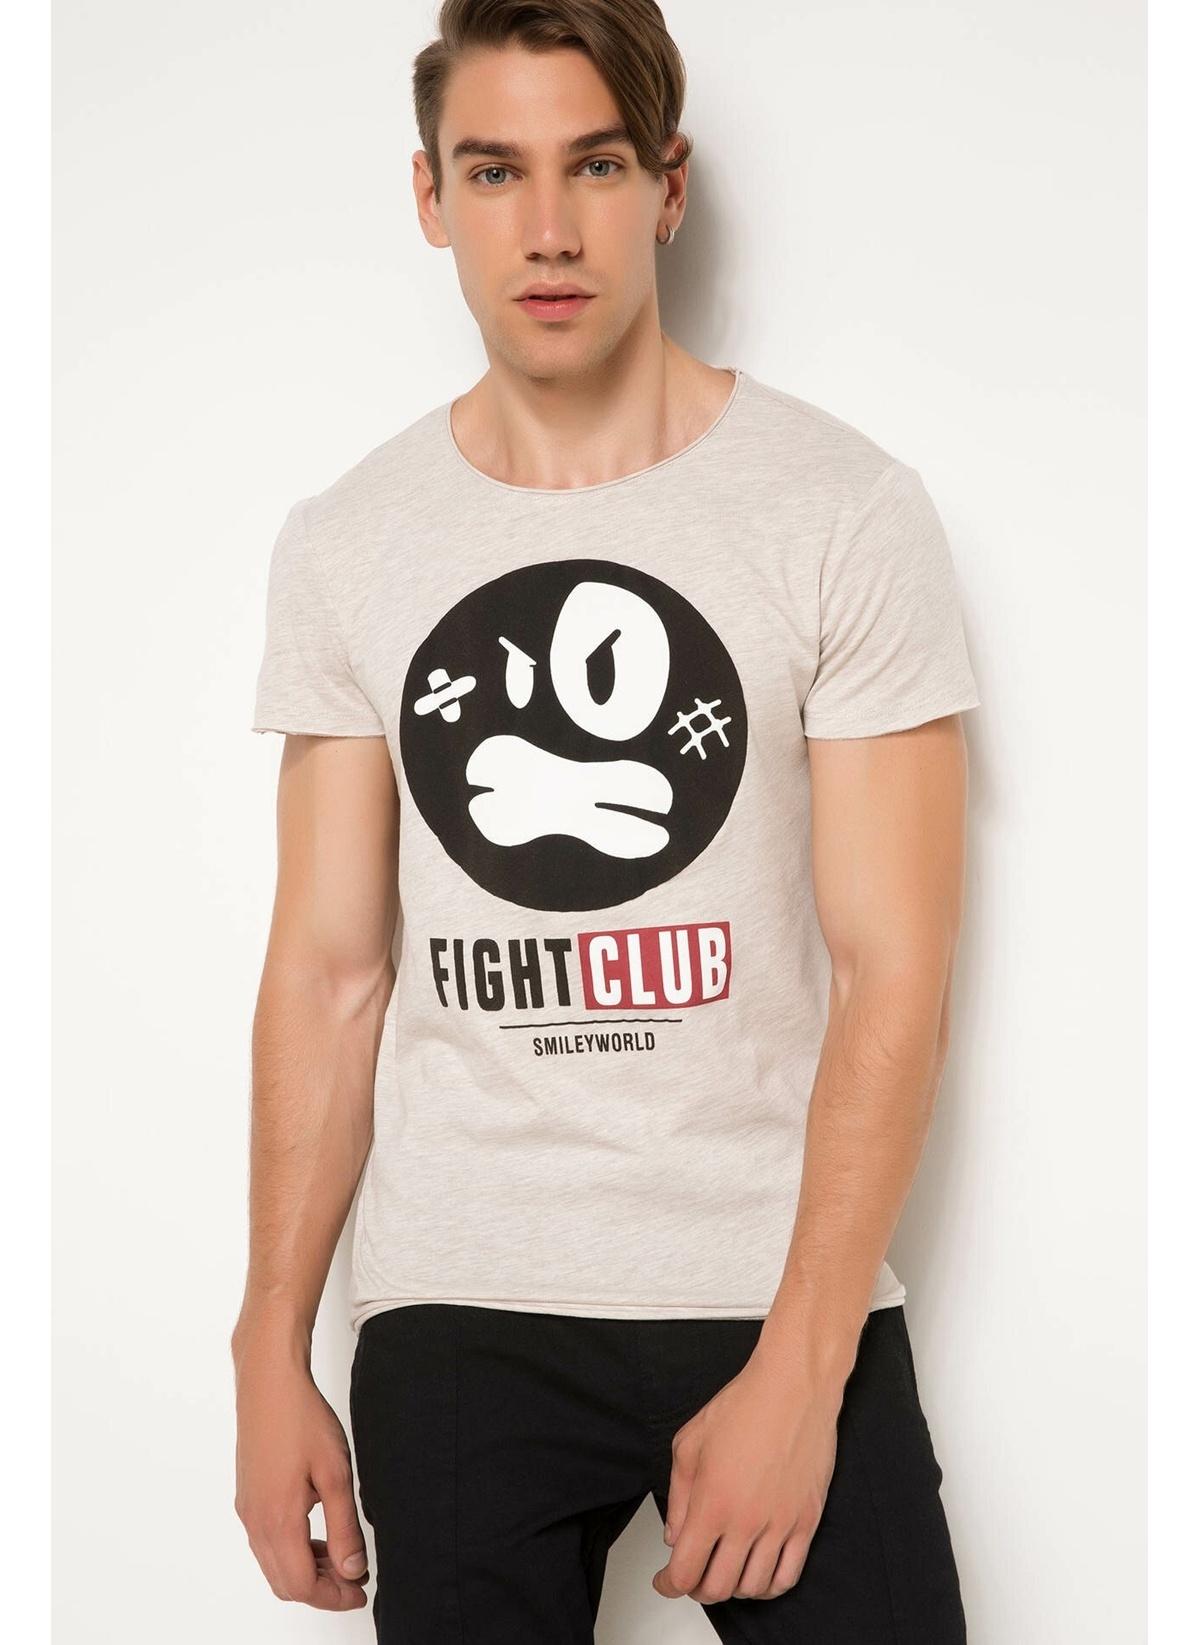 Defacto Tişört G9953az17smbg300t-shirt – 24.99 TL